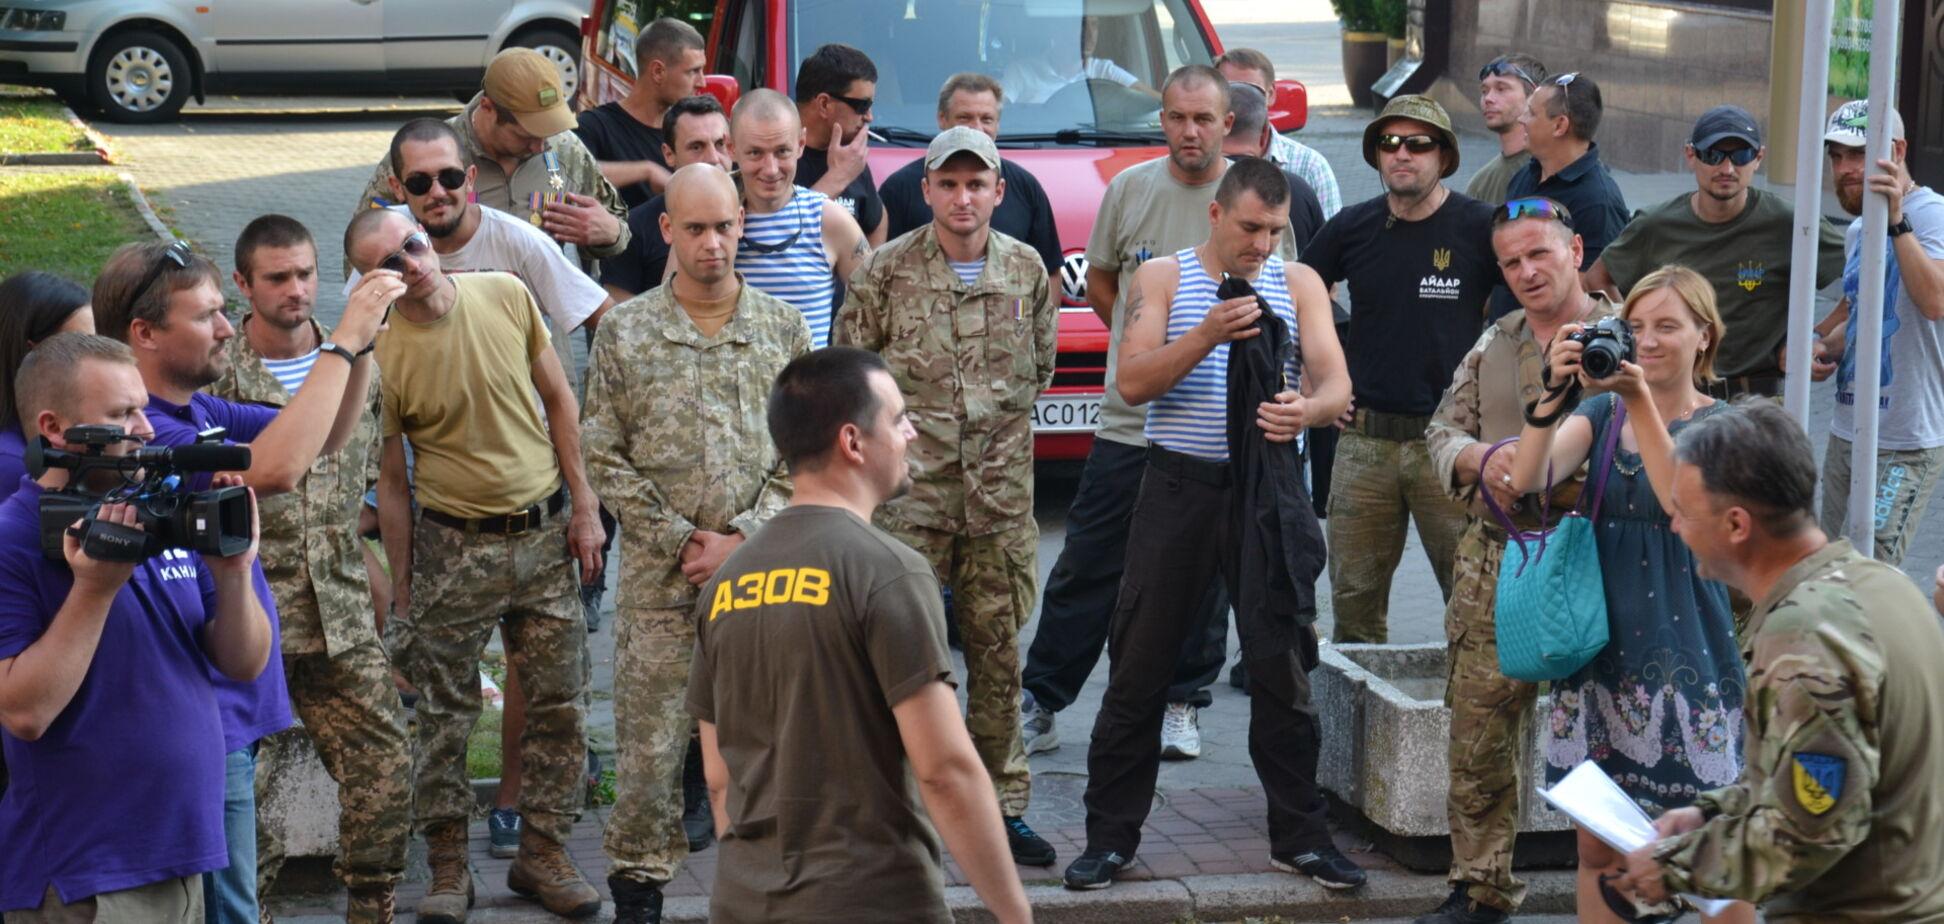 У Луцьку бійці АТО вийшли на протест проти свавілля УКРОПівських тітушок: з'явились фото